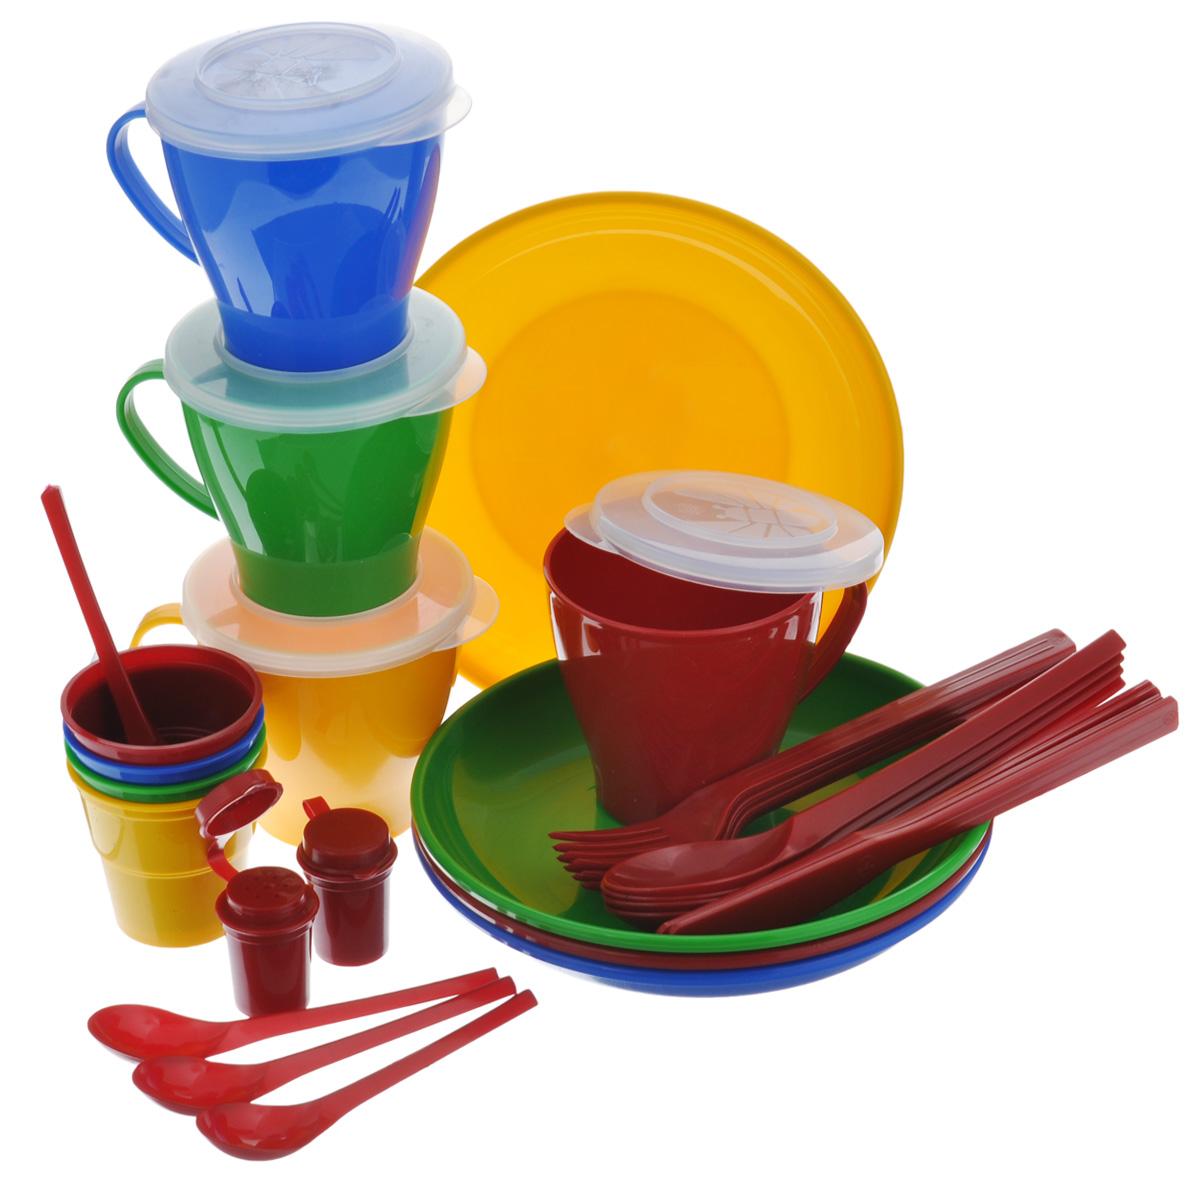 Набор посуды Solaris Универсальный, на 4 персоны